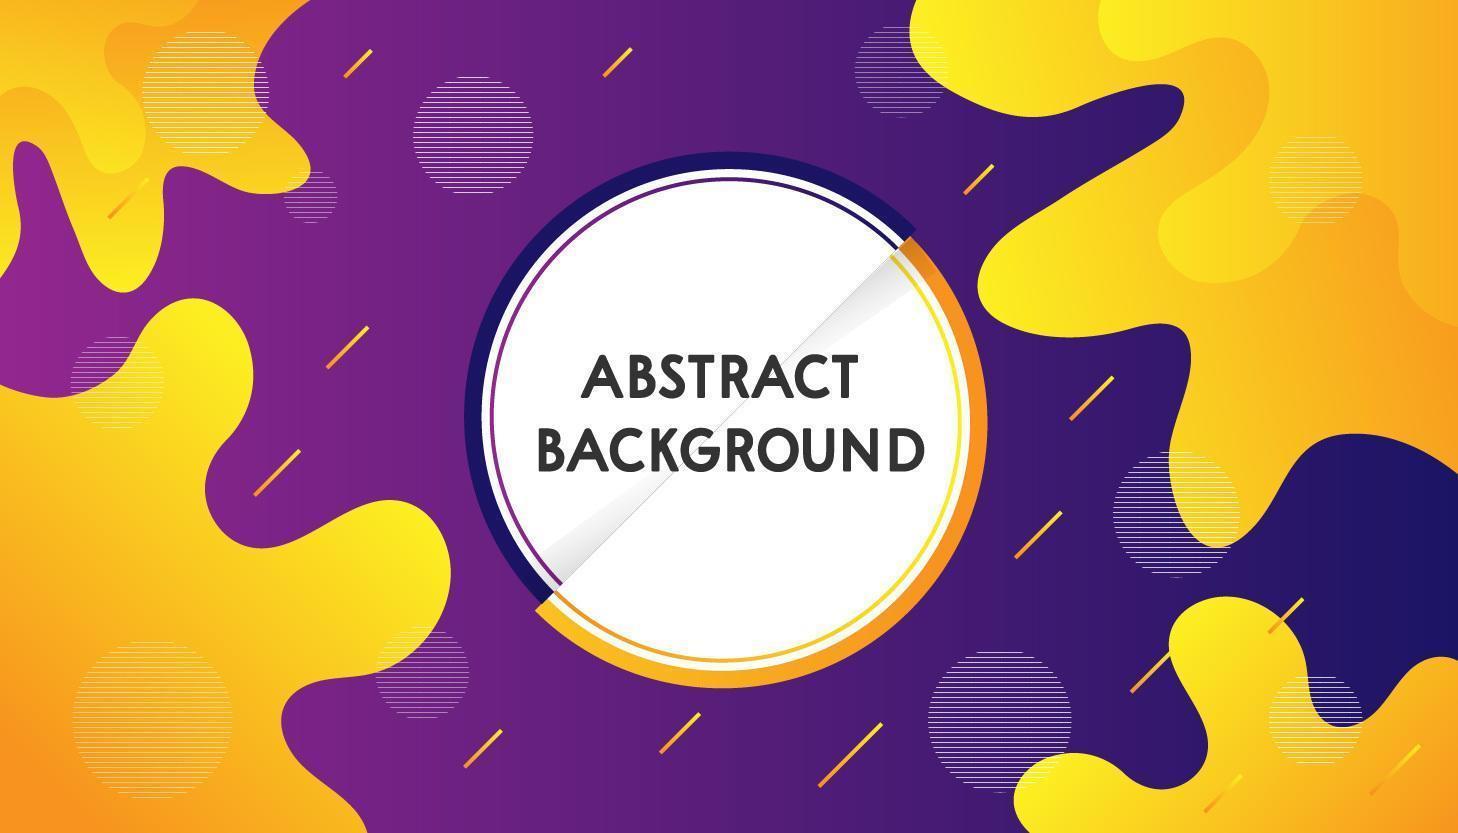 Fondo abstracto combinaciones púrpura y amarillo vector